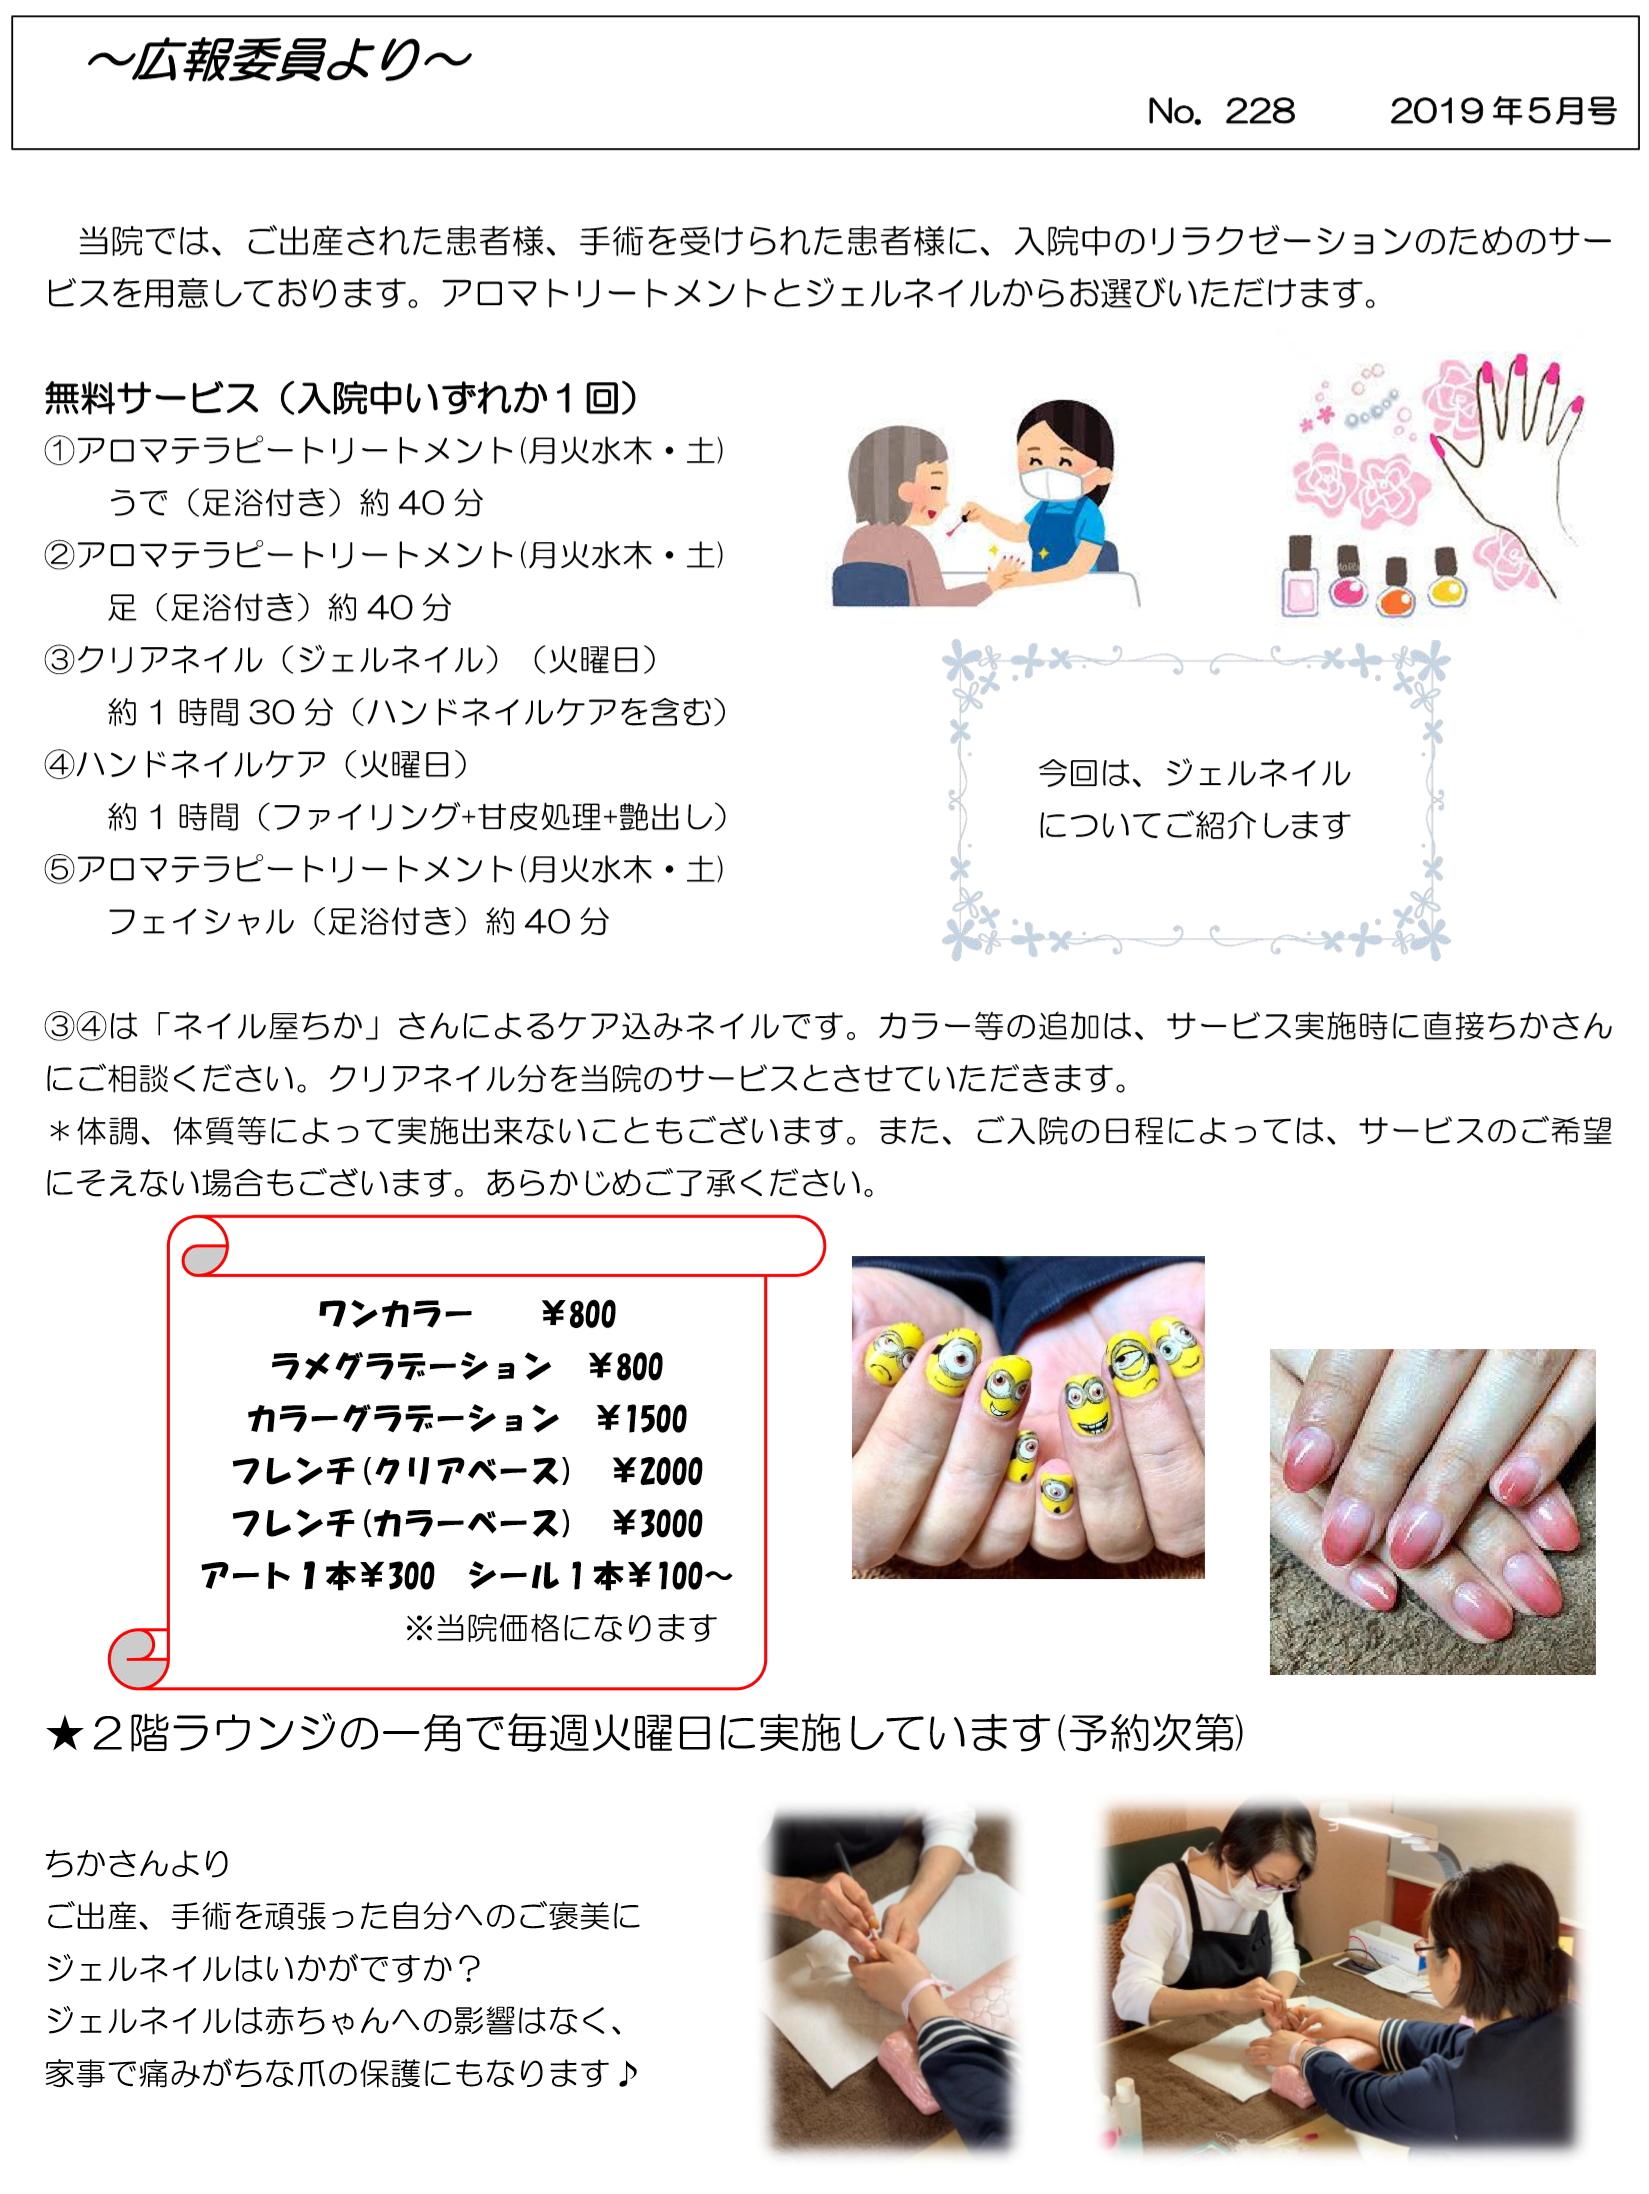 竹内レディースクリニックの無料サービス